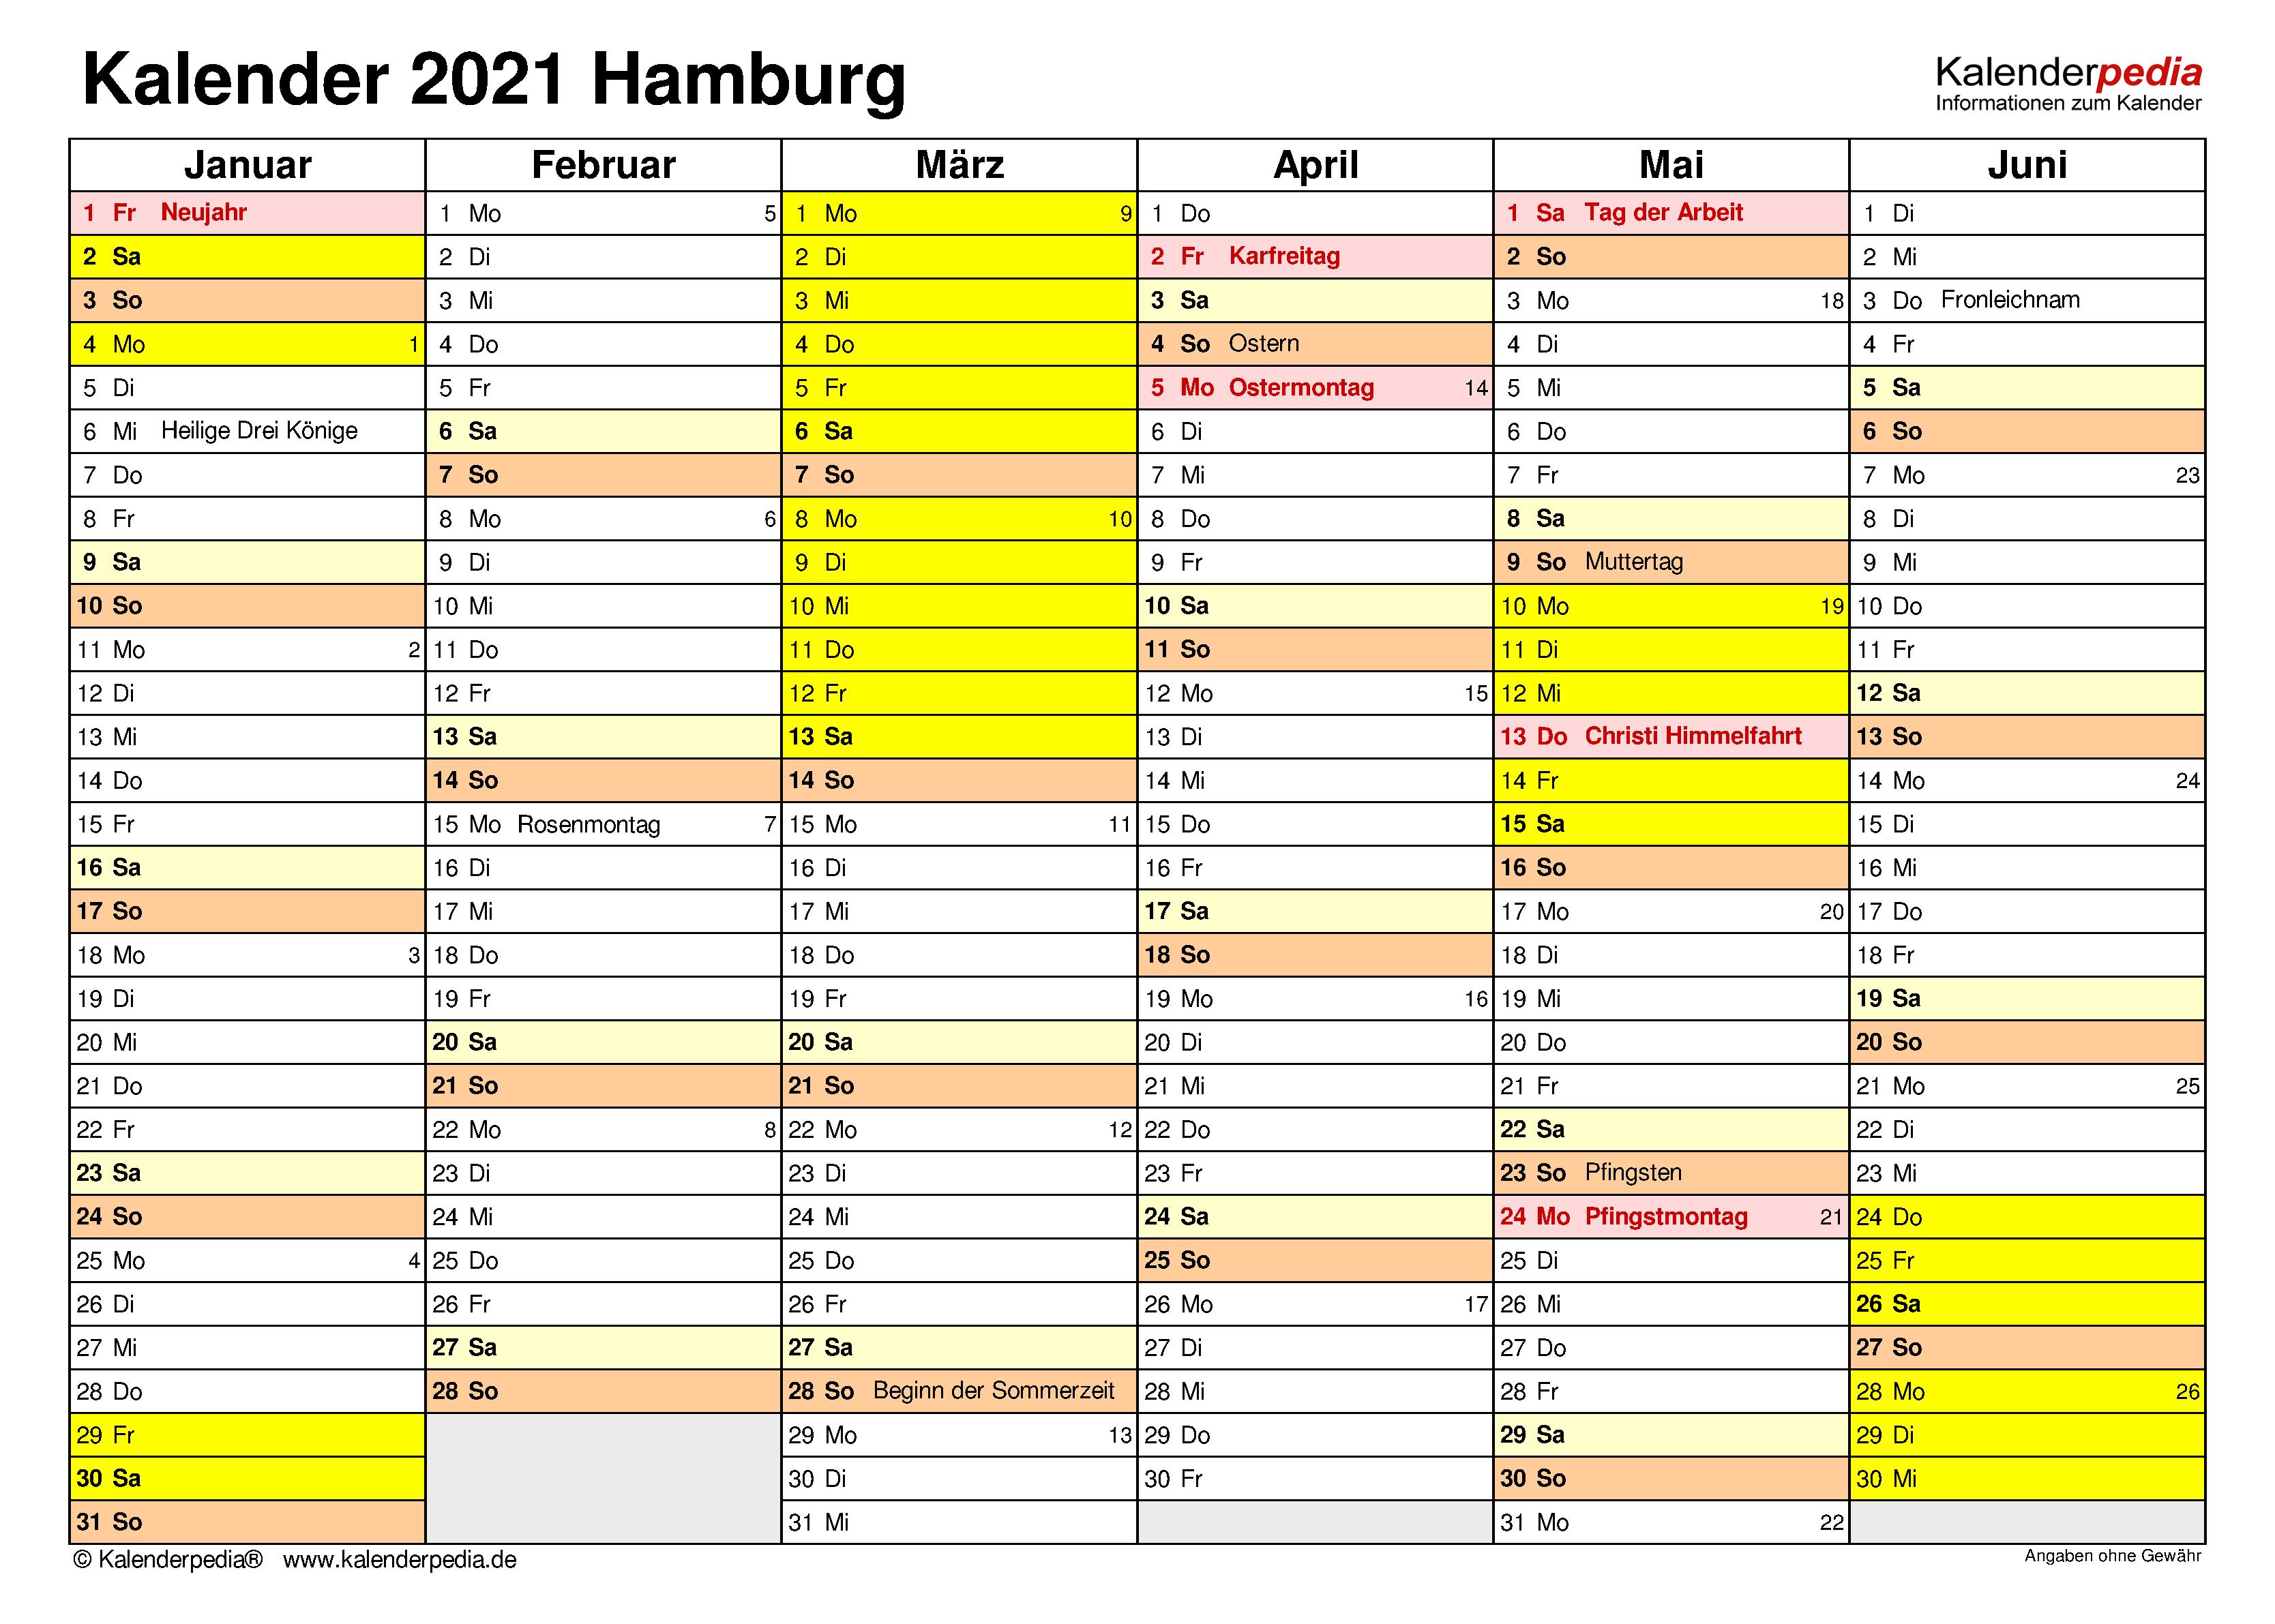 Kalender Pfingsten 2021